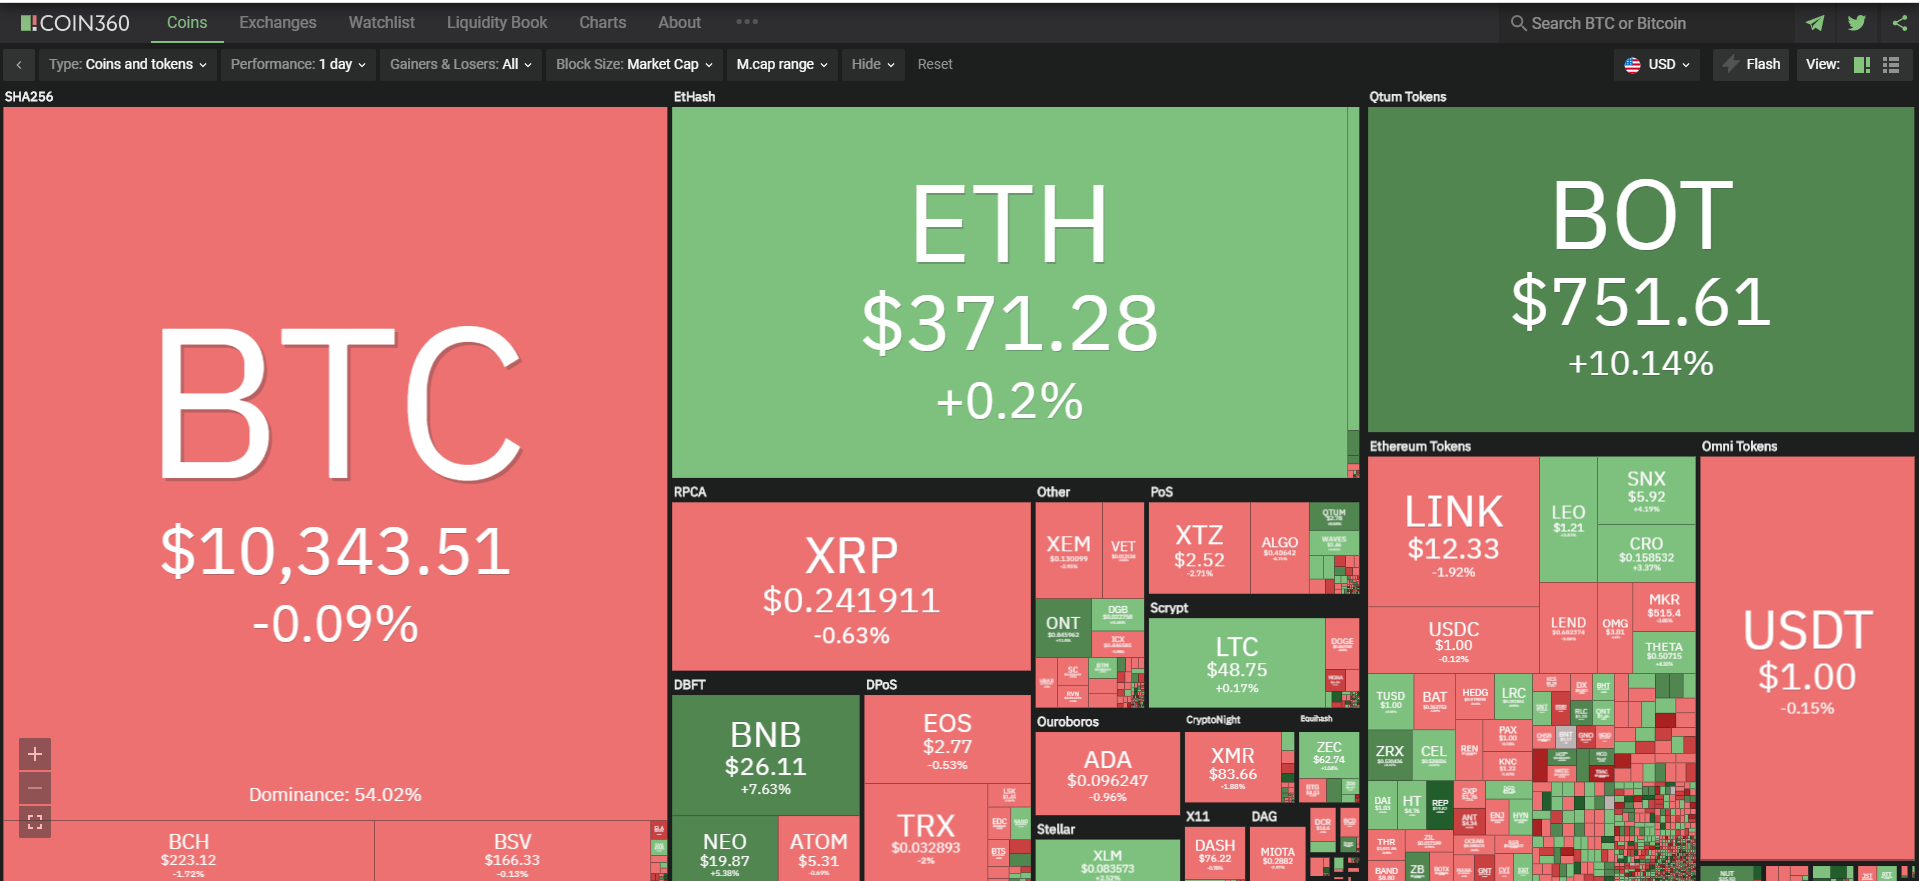 Toàn cảnh thị trường tiền kĩ thuật số ngày 12/9 (nguồn: Coin360.com)